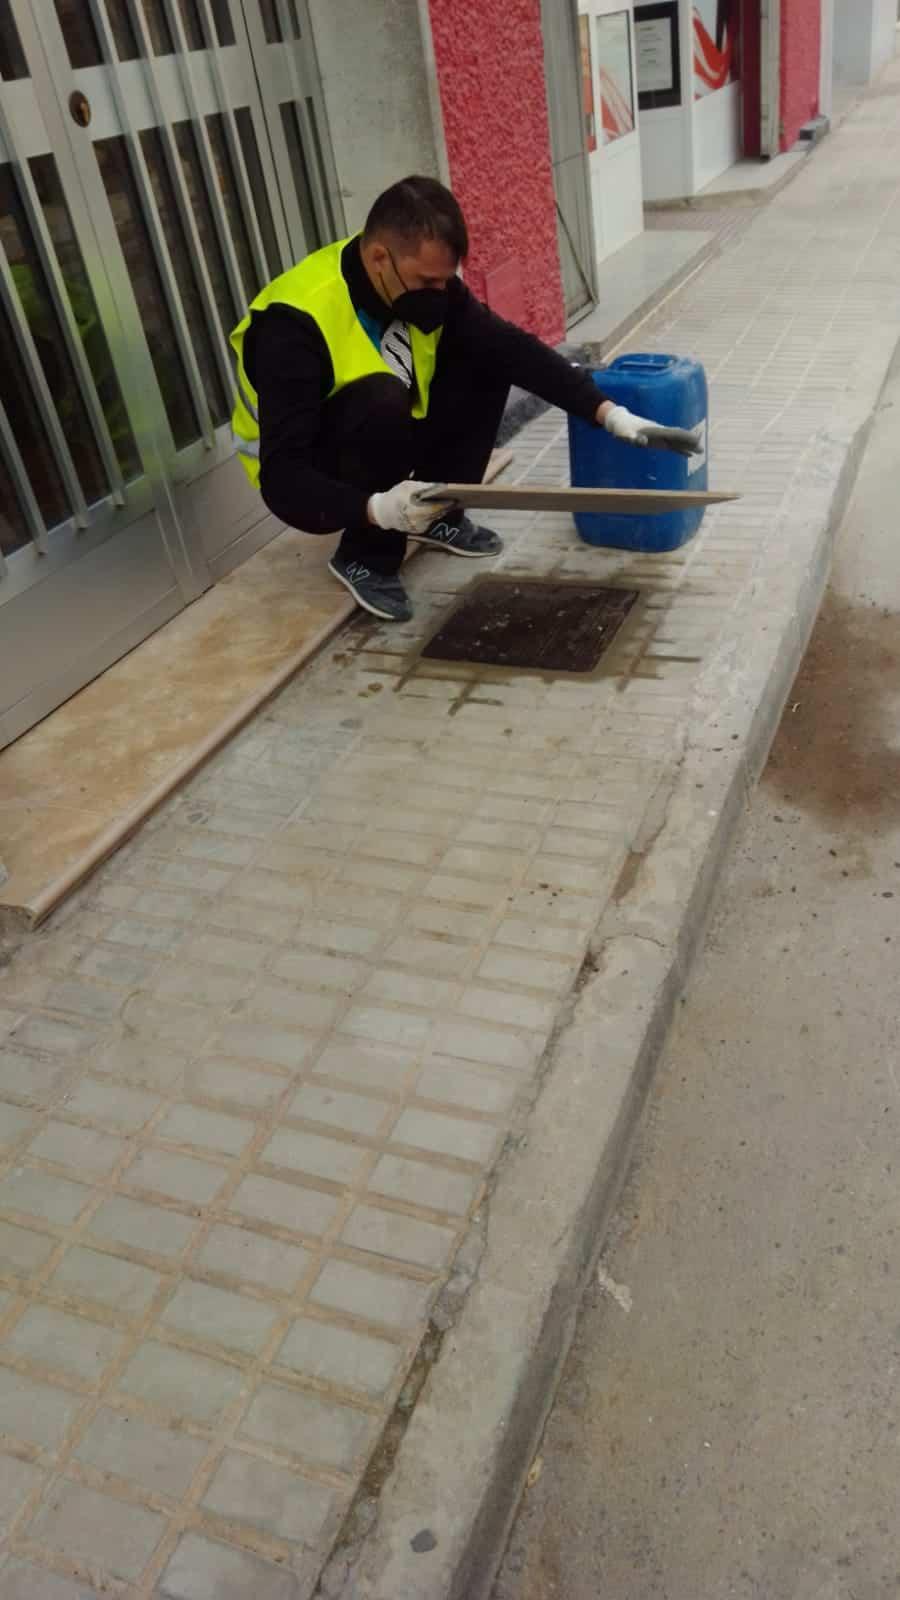 Mejoras en la accesibilidad y mantenimiento de vías públicas en Herencia 9